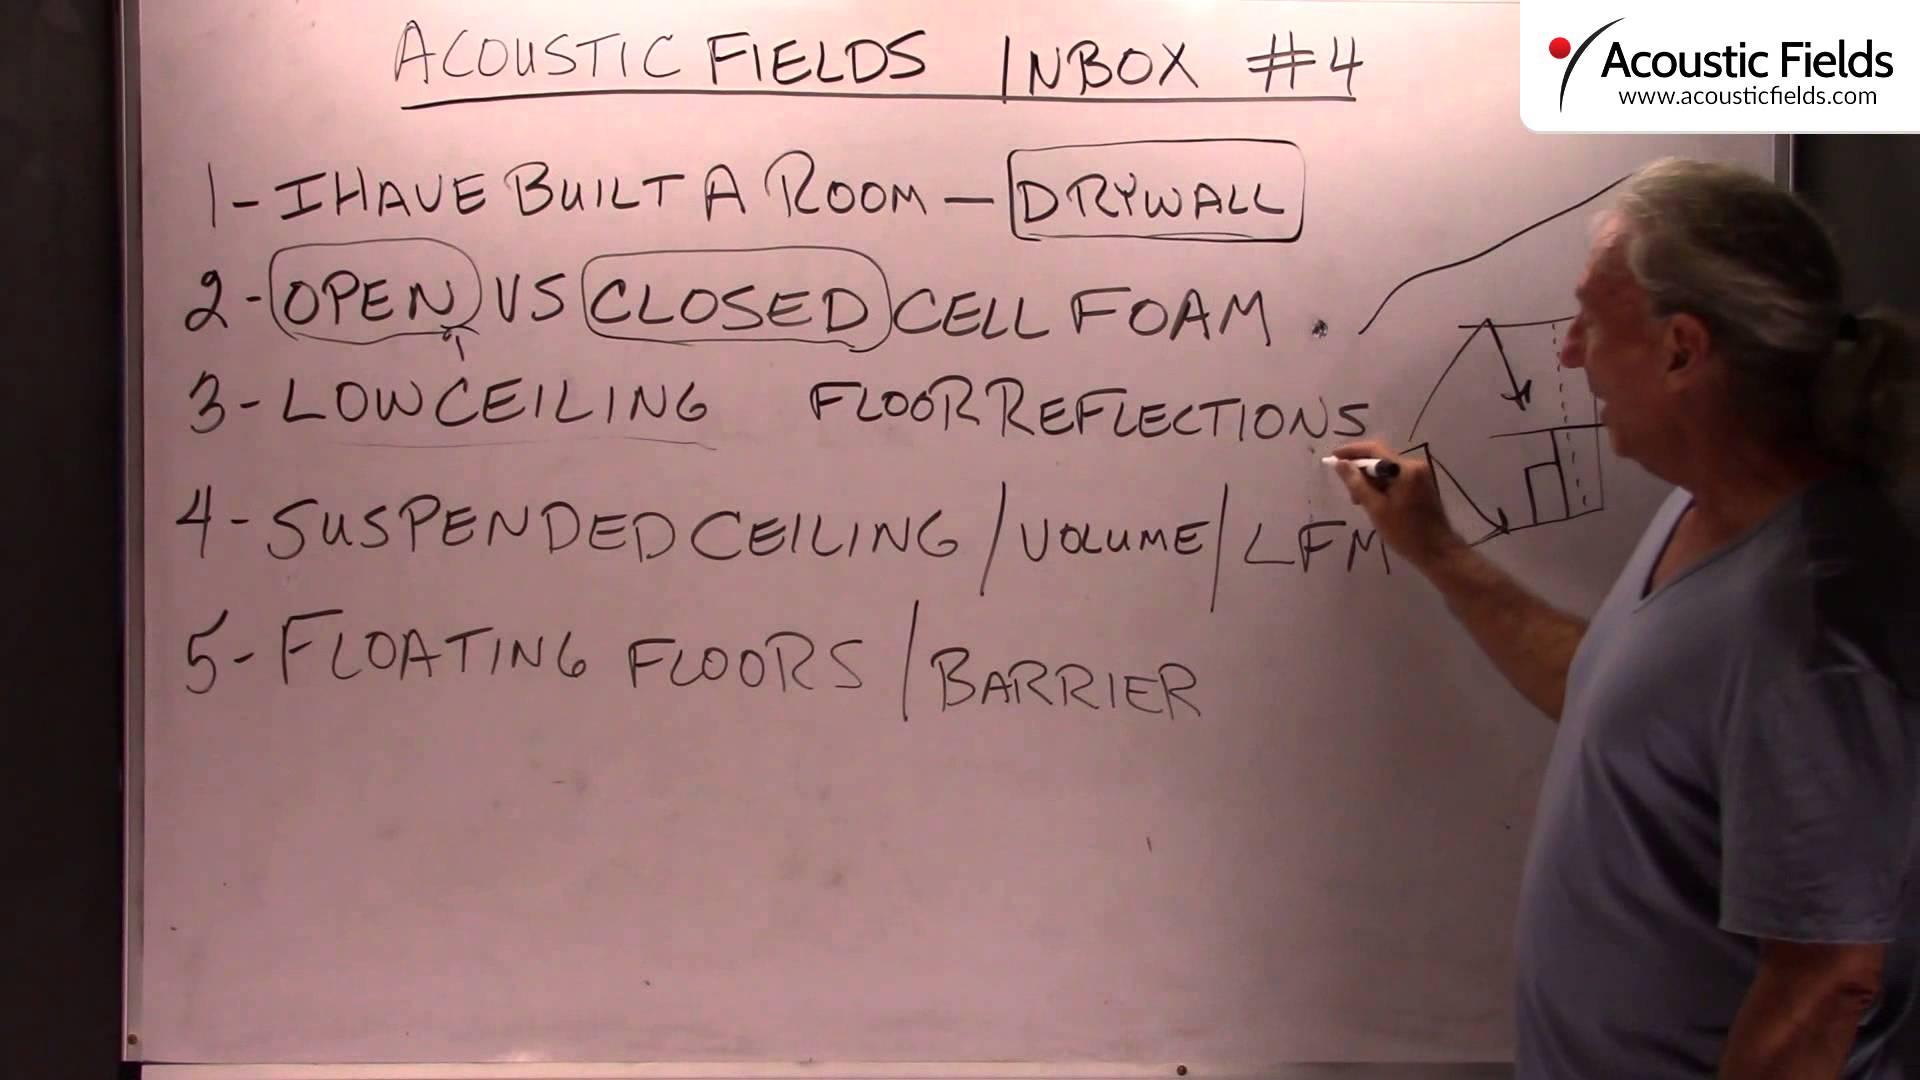 Acoustic Fields Inbox #4